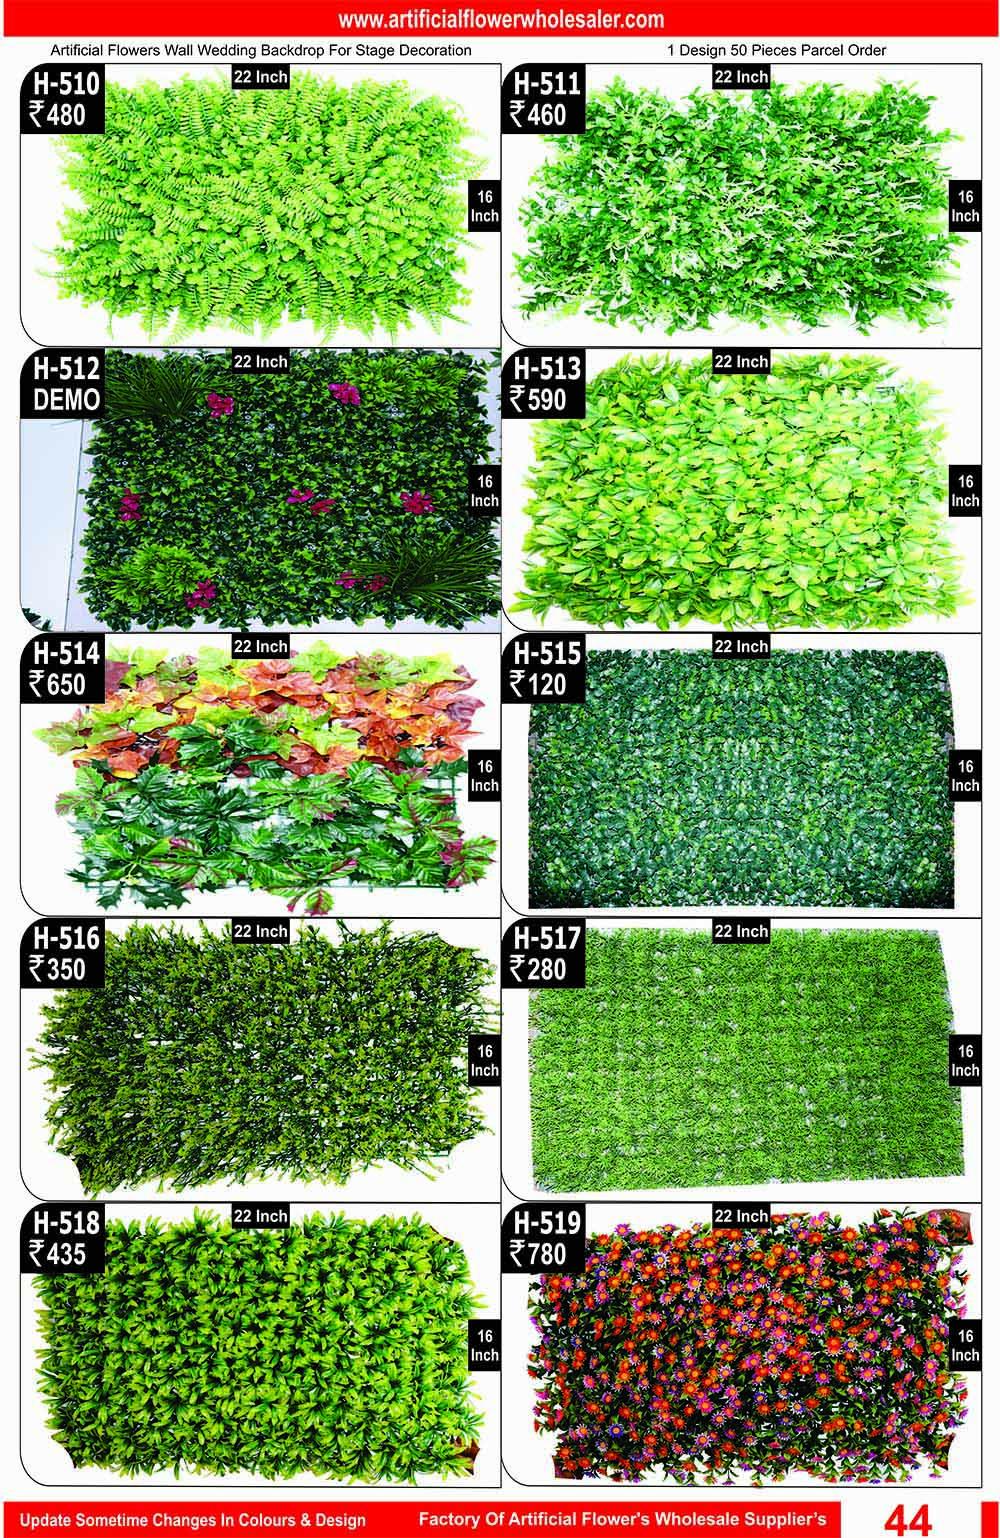 44-artificial-flower-wholesaler